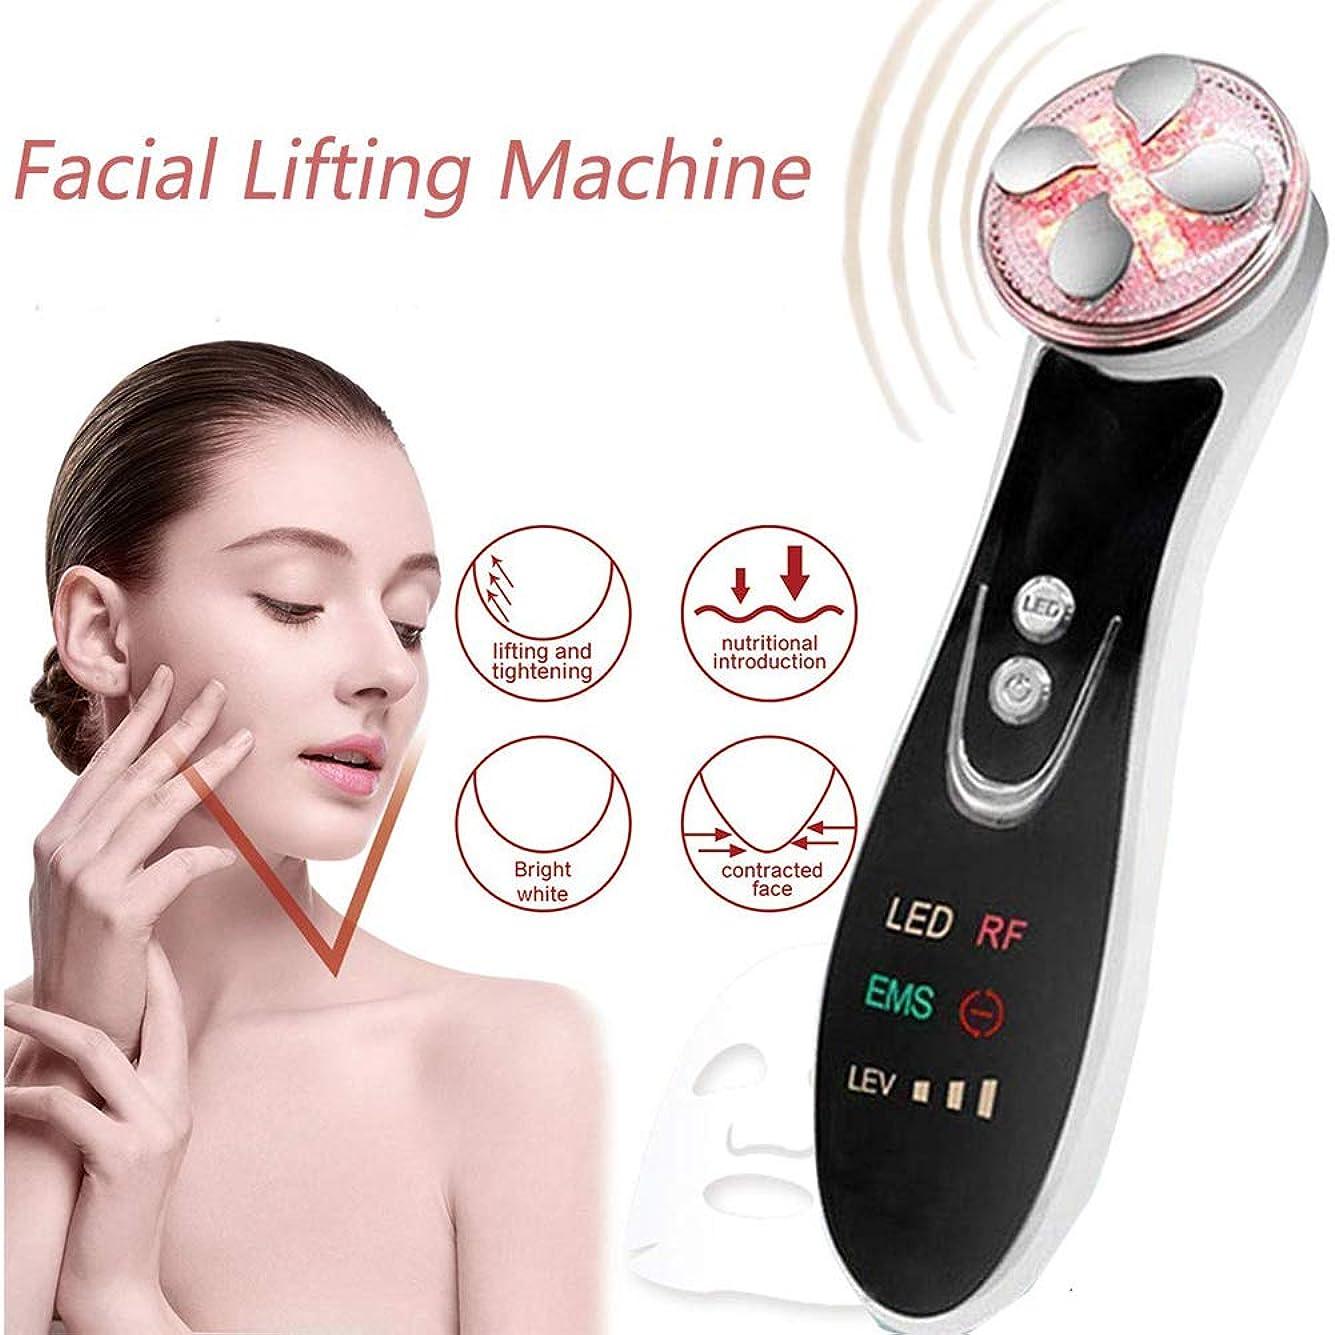 なかなかうねるバースト機械をきつく締める皮、1つのRF EMS LEDライト療法のしわに付き顔の持ち上がるボディ形削り盤機械6つは反老化のアクネの美装置を取除きます